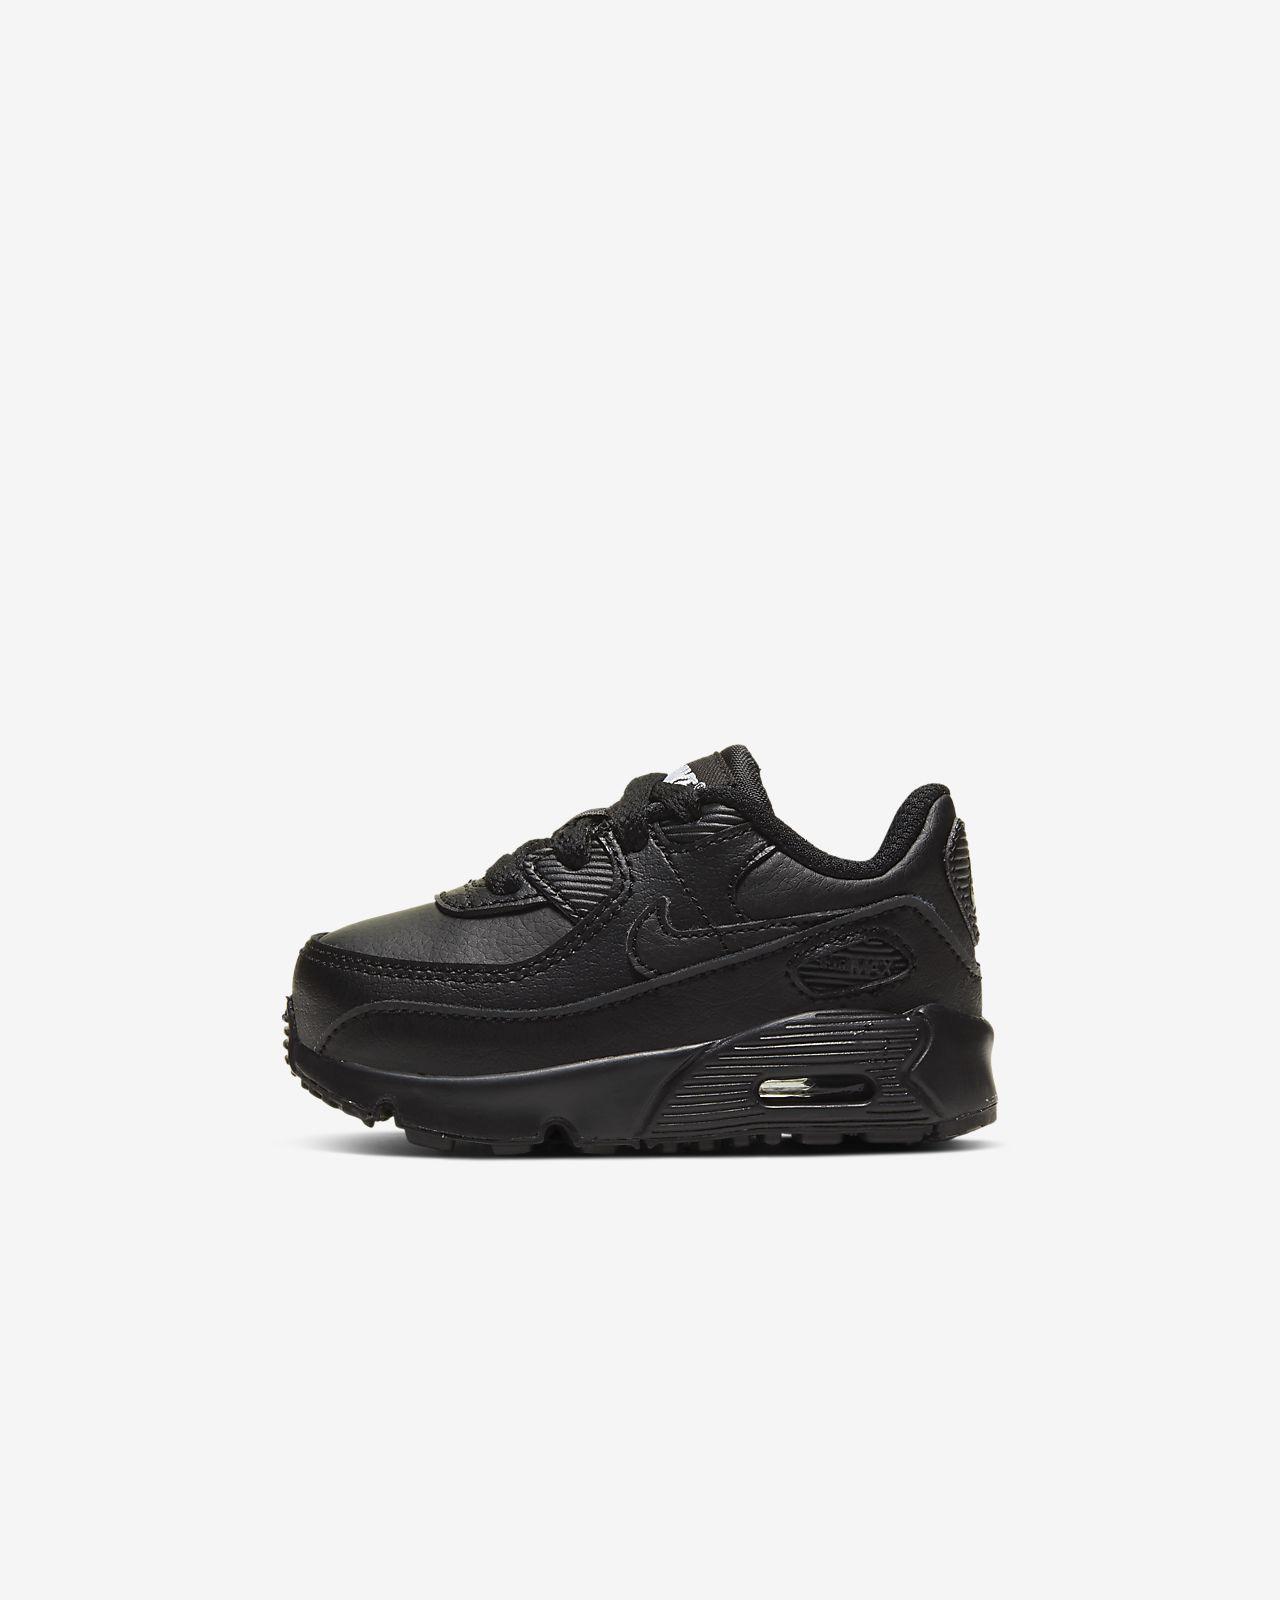 Nike Air Max 90 BabyToddler Shoe